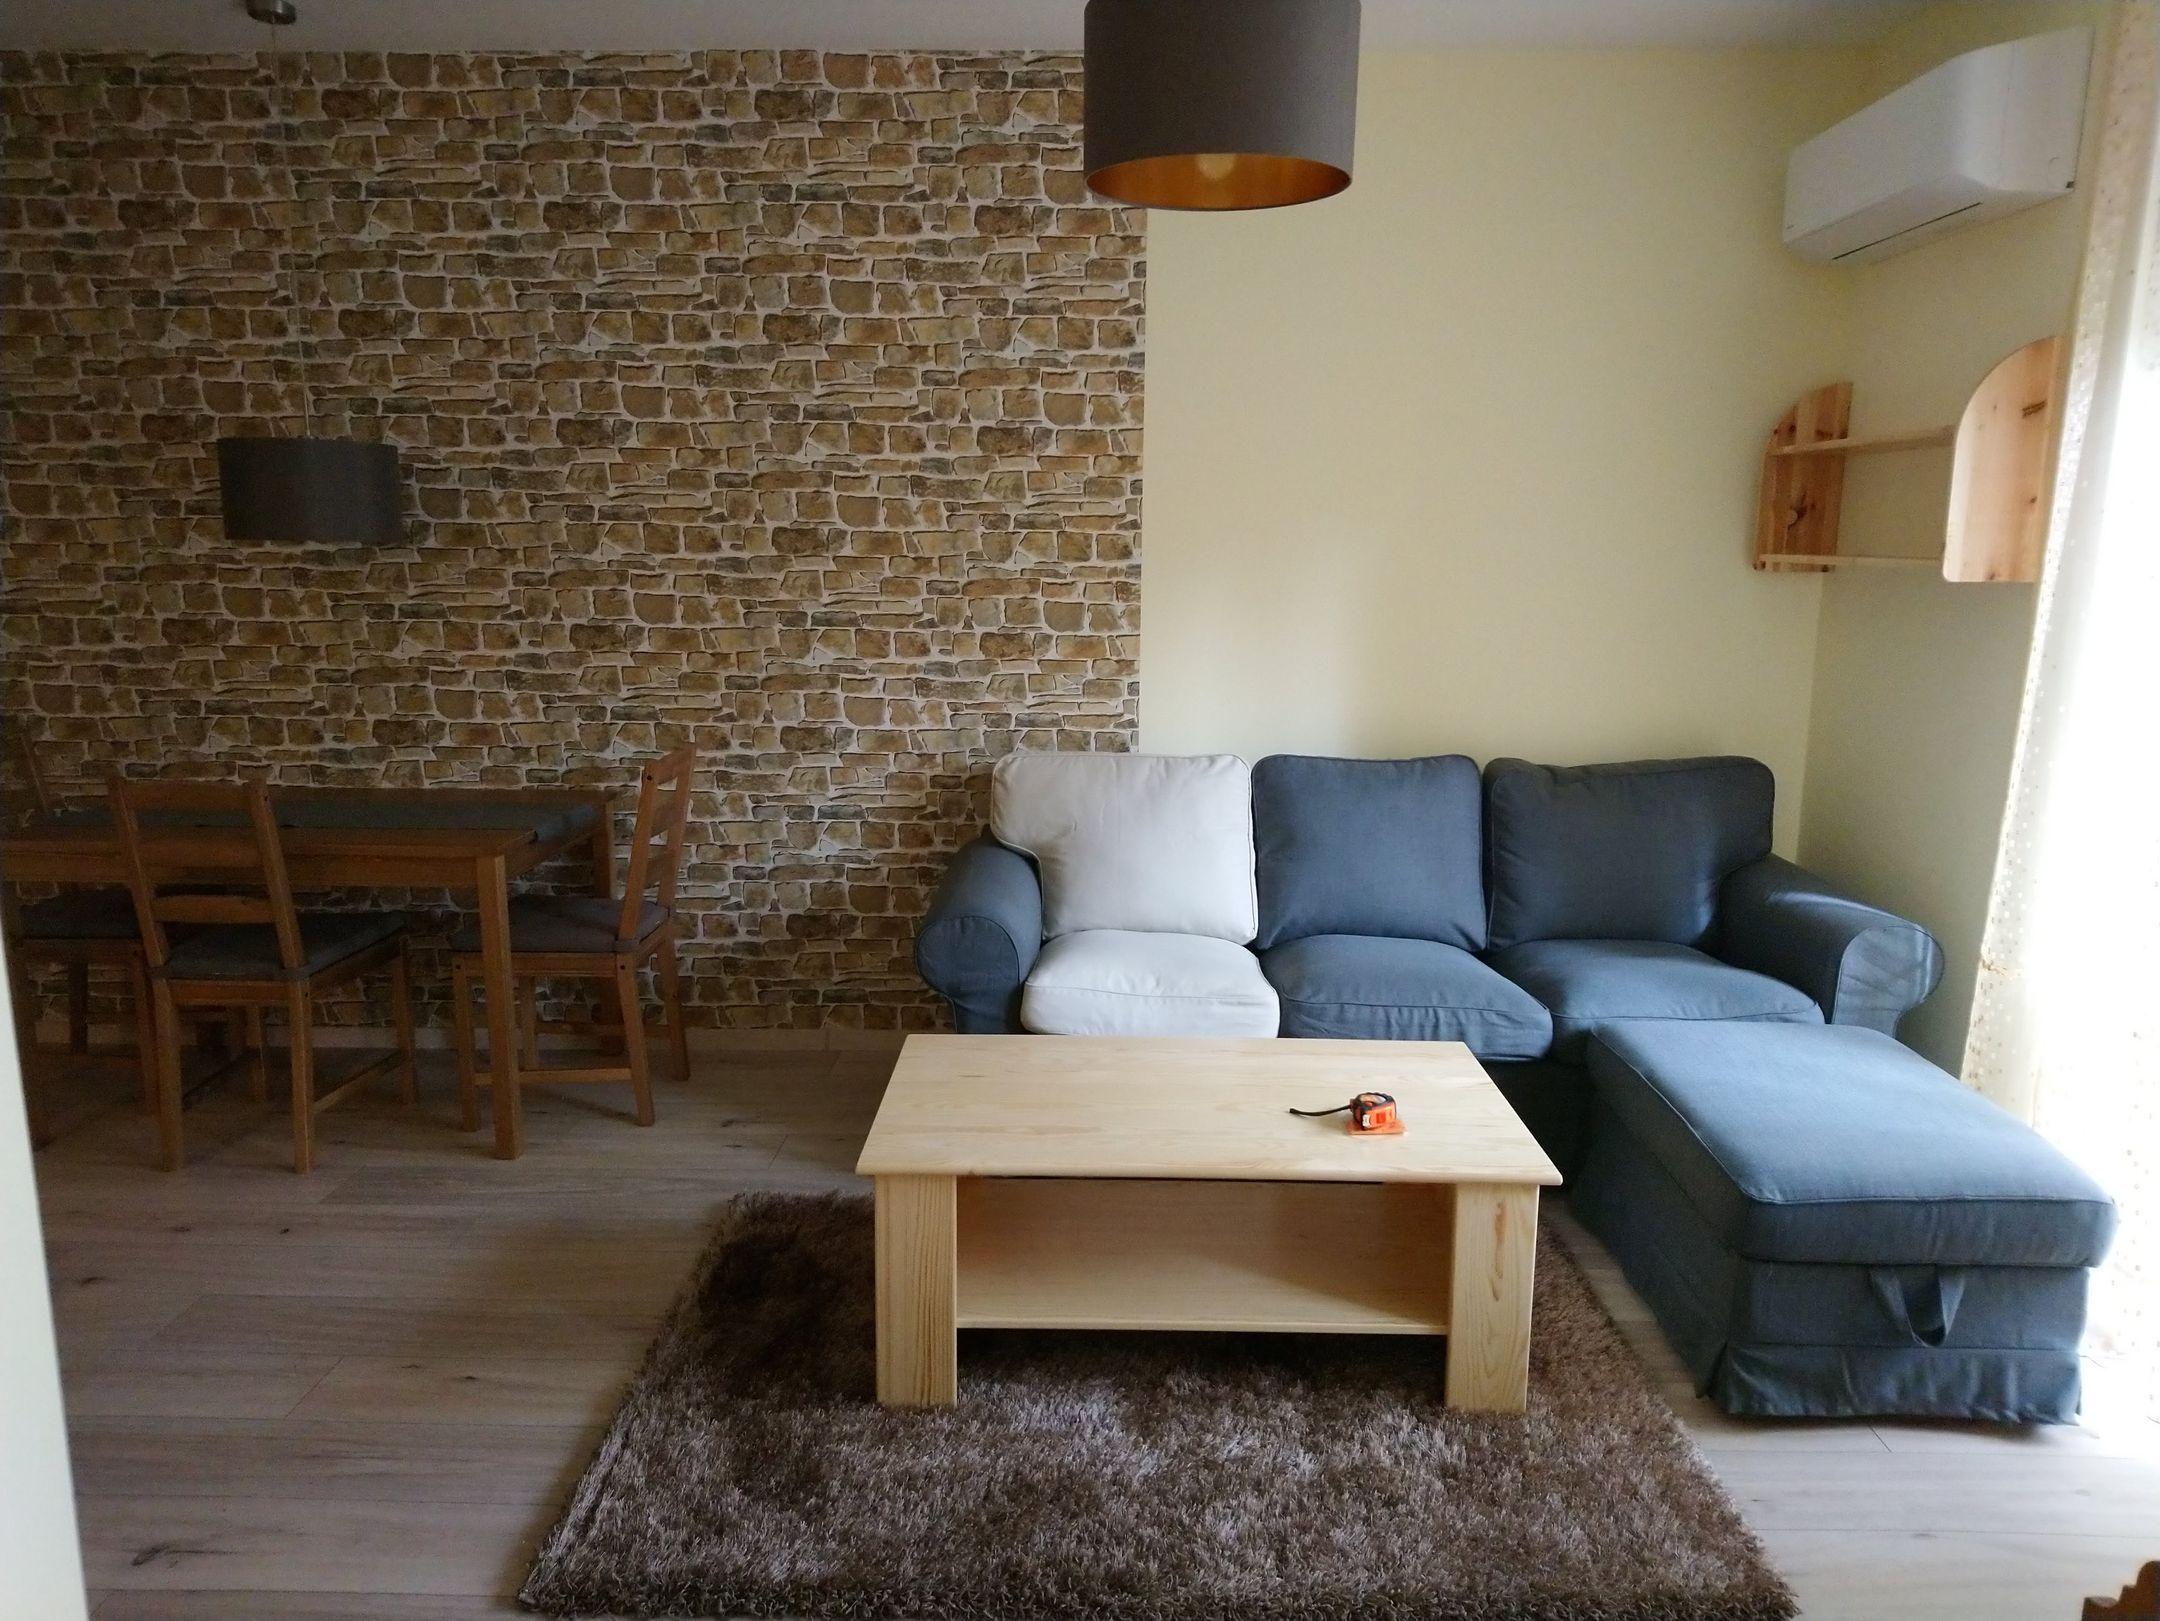 A főváros 16.kerületében,családias környezetben eladó egy teljesen felújított földszinti lakás!